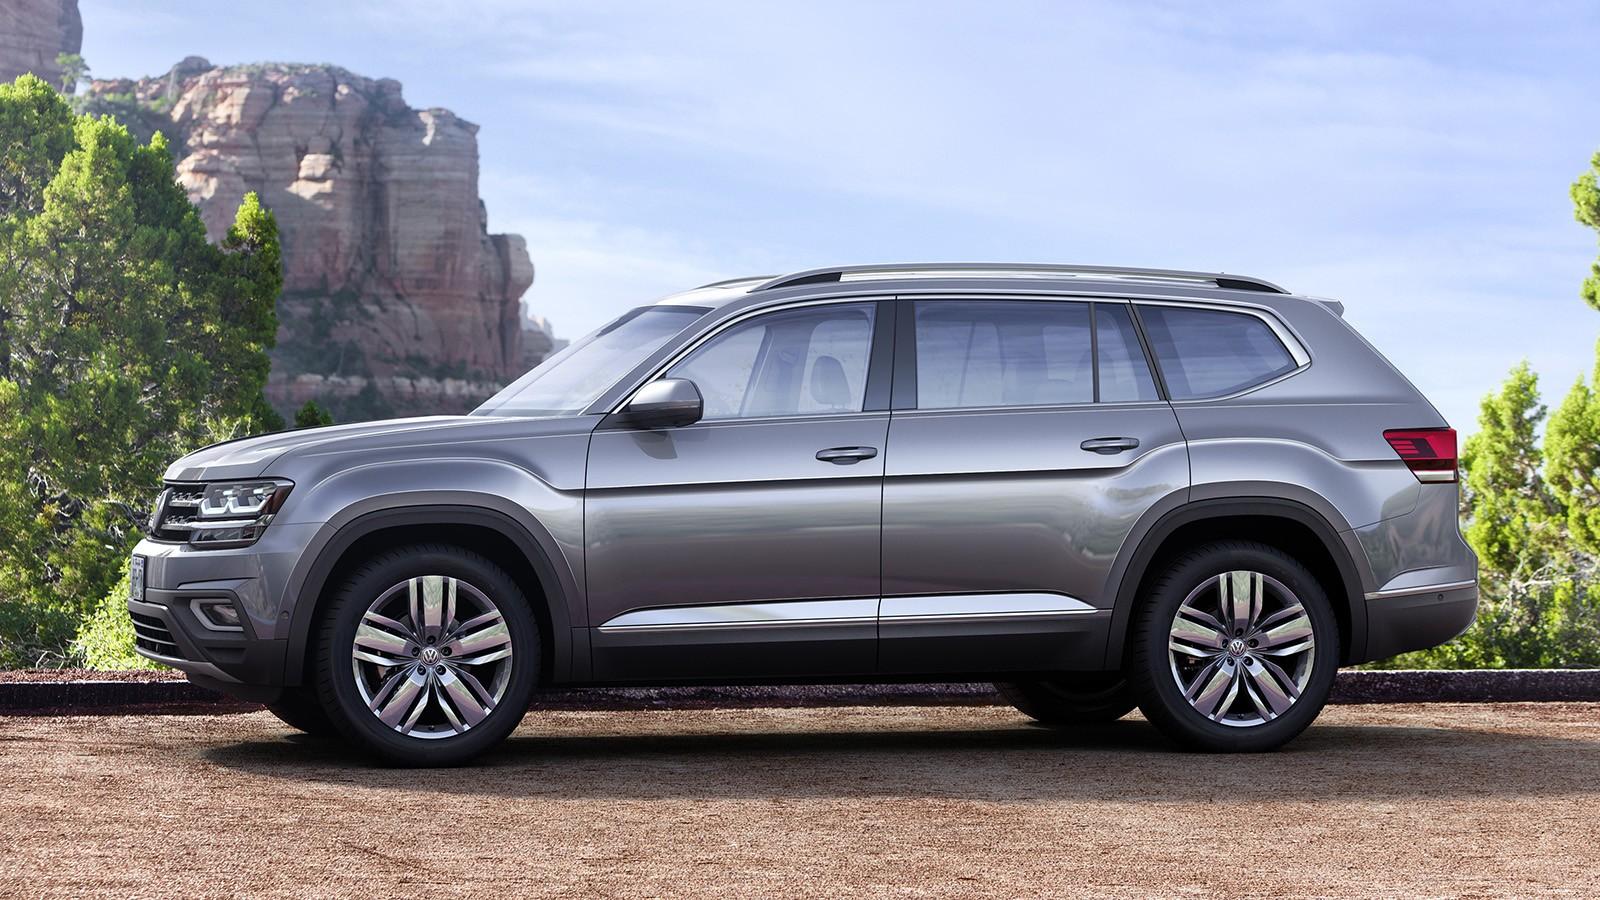 На фото: VW Atlas. В России модель будет продаваться под именем Teramont